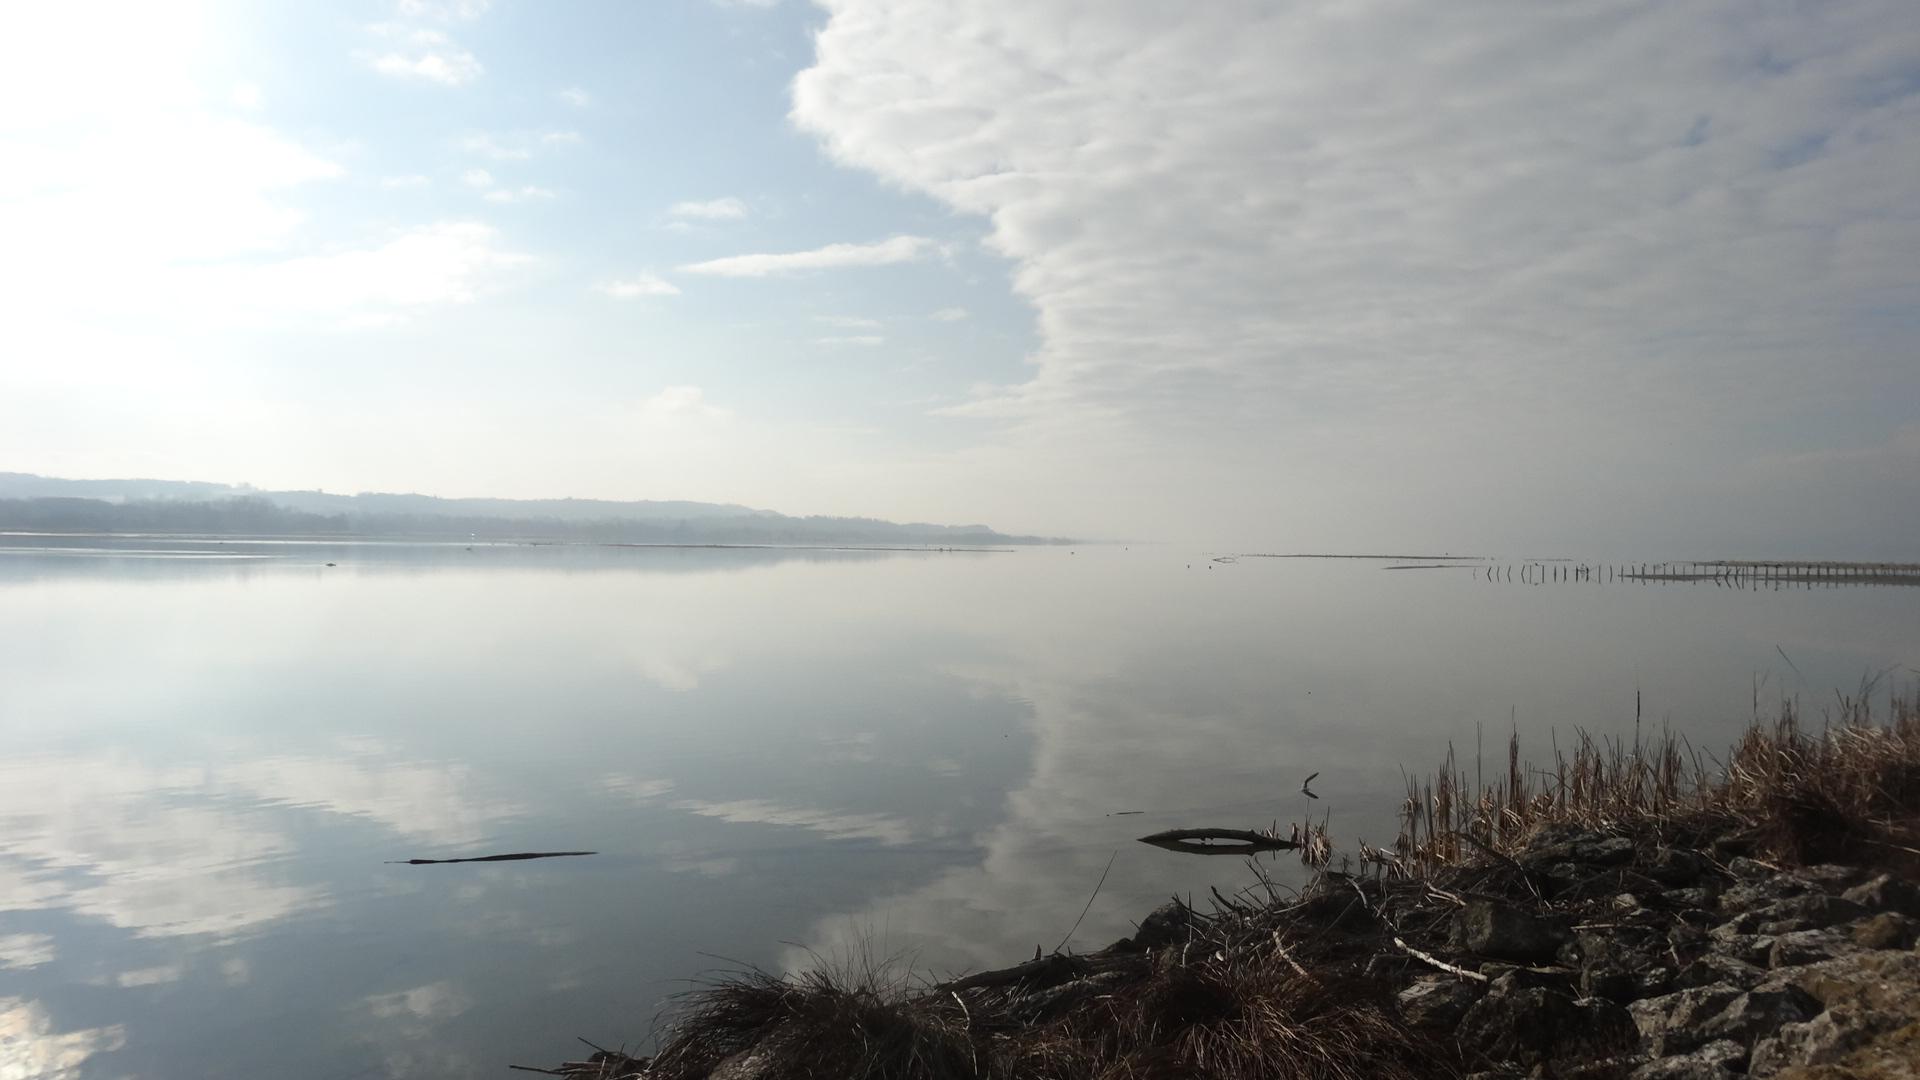 Balade à La Sauge, idéale pour observer les oiseaux migrateurs